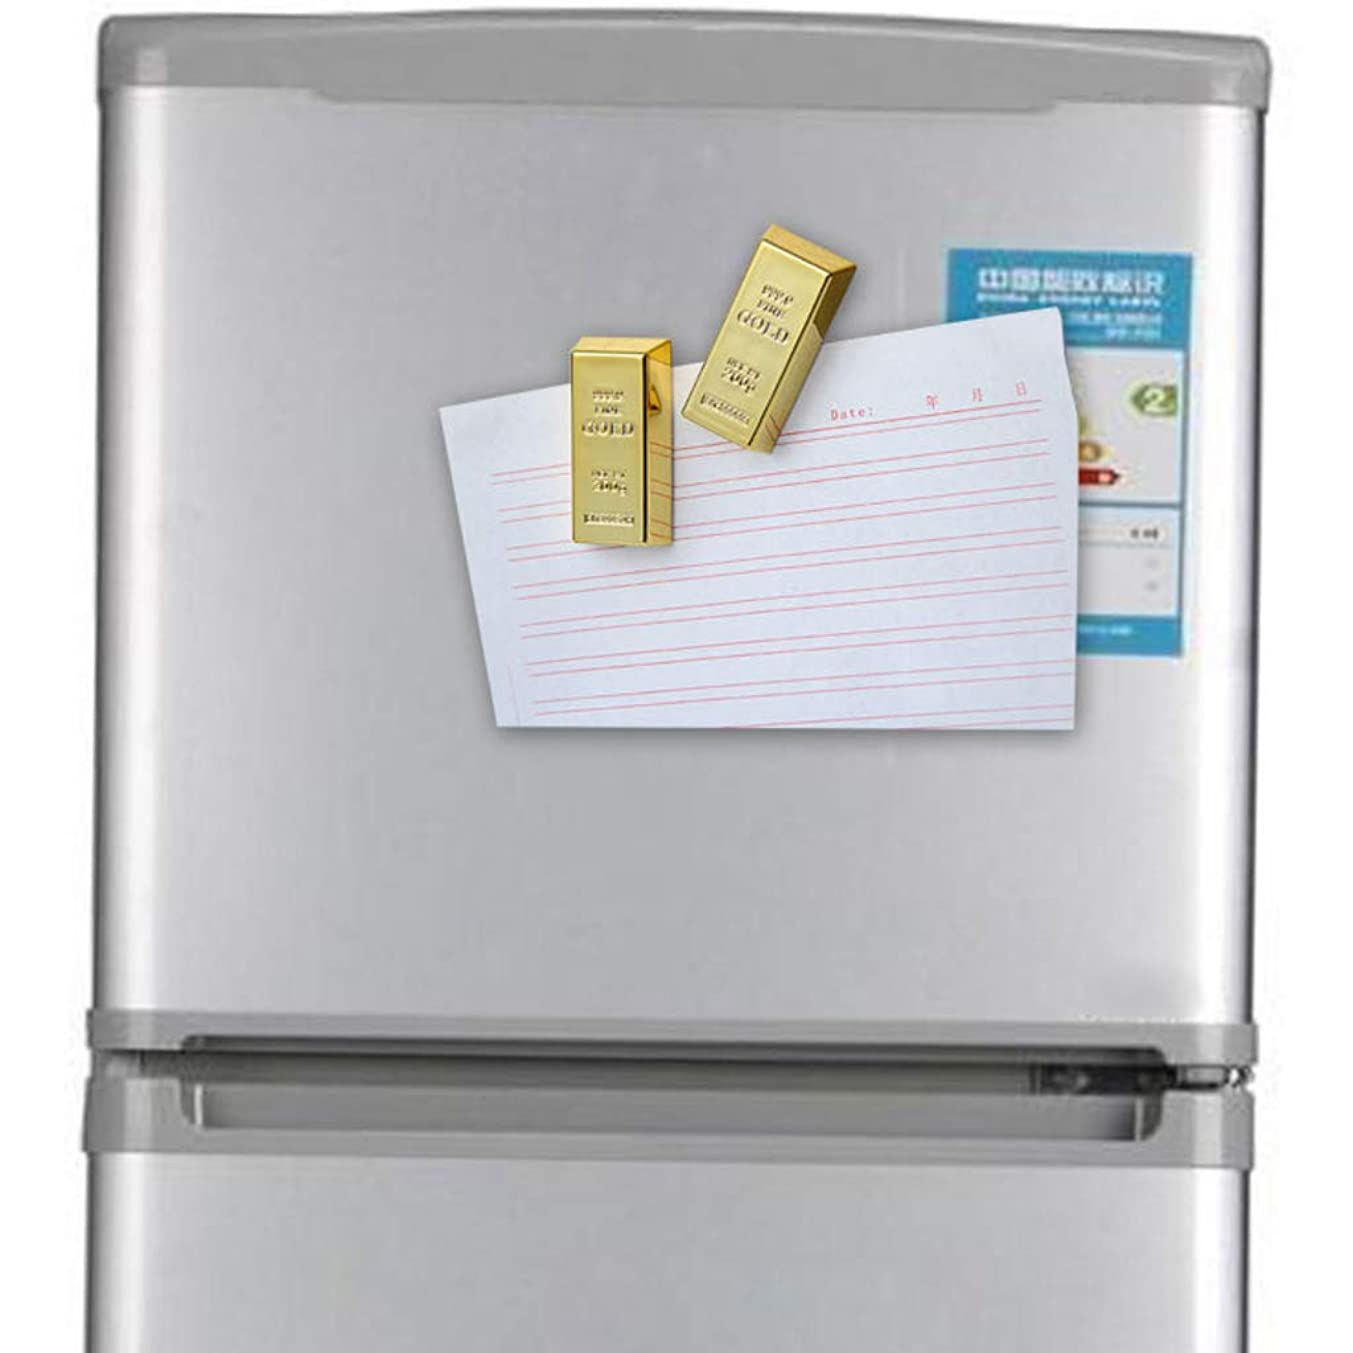 キリストうなり声ショップDaeumゴールドレンガシェイプ冷蔵庫マグネット樹脂クラフトギフト家の装飾お土産